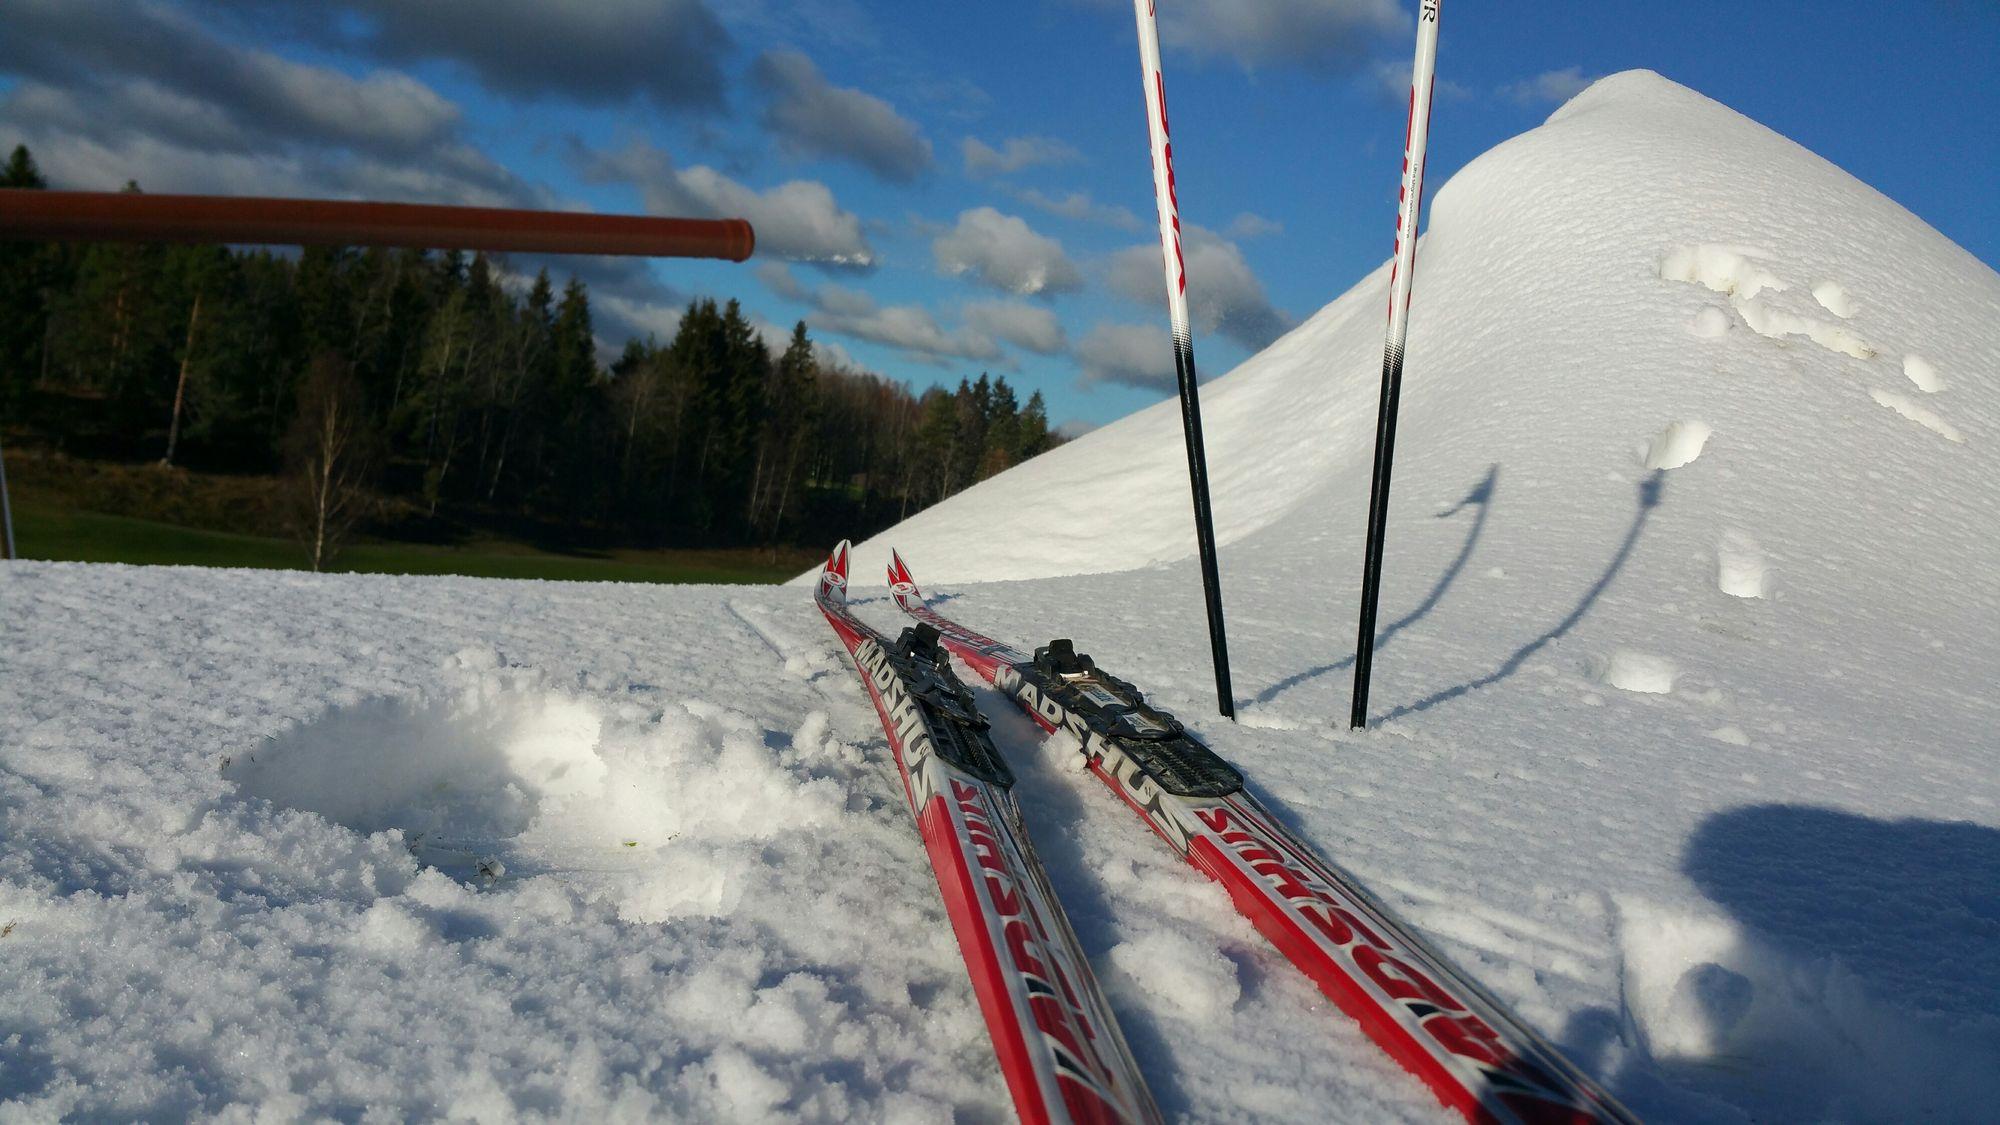 HURRA! Skiforeningen er i gang med produksjonen av kunstsnø på Østre Greverud. Slik så det ut da vi tok turen til golfbanen onsdag ettermiddag ved 12-tiden den 2. november.